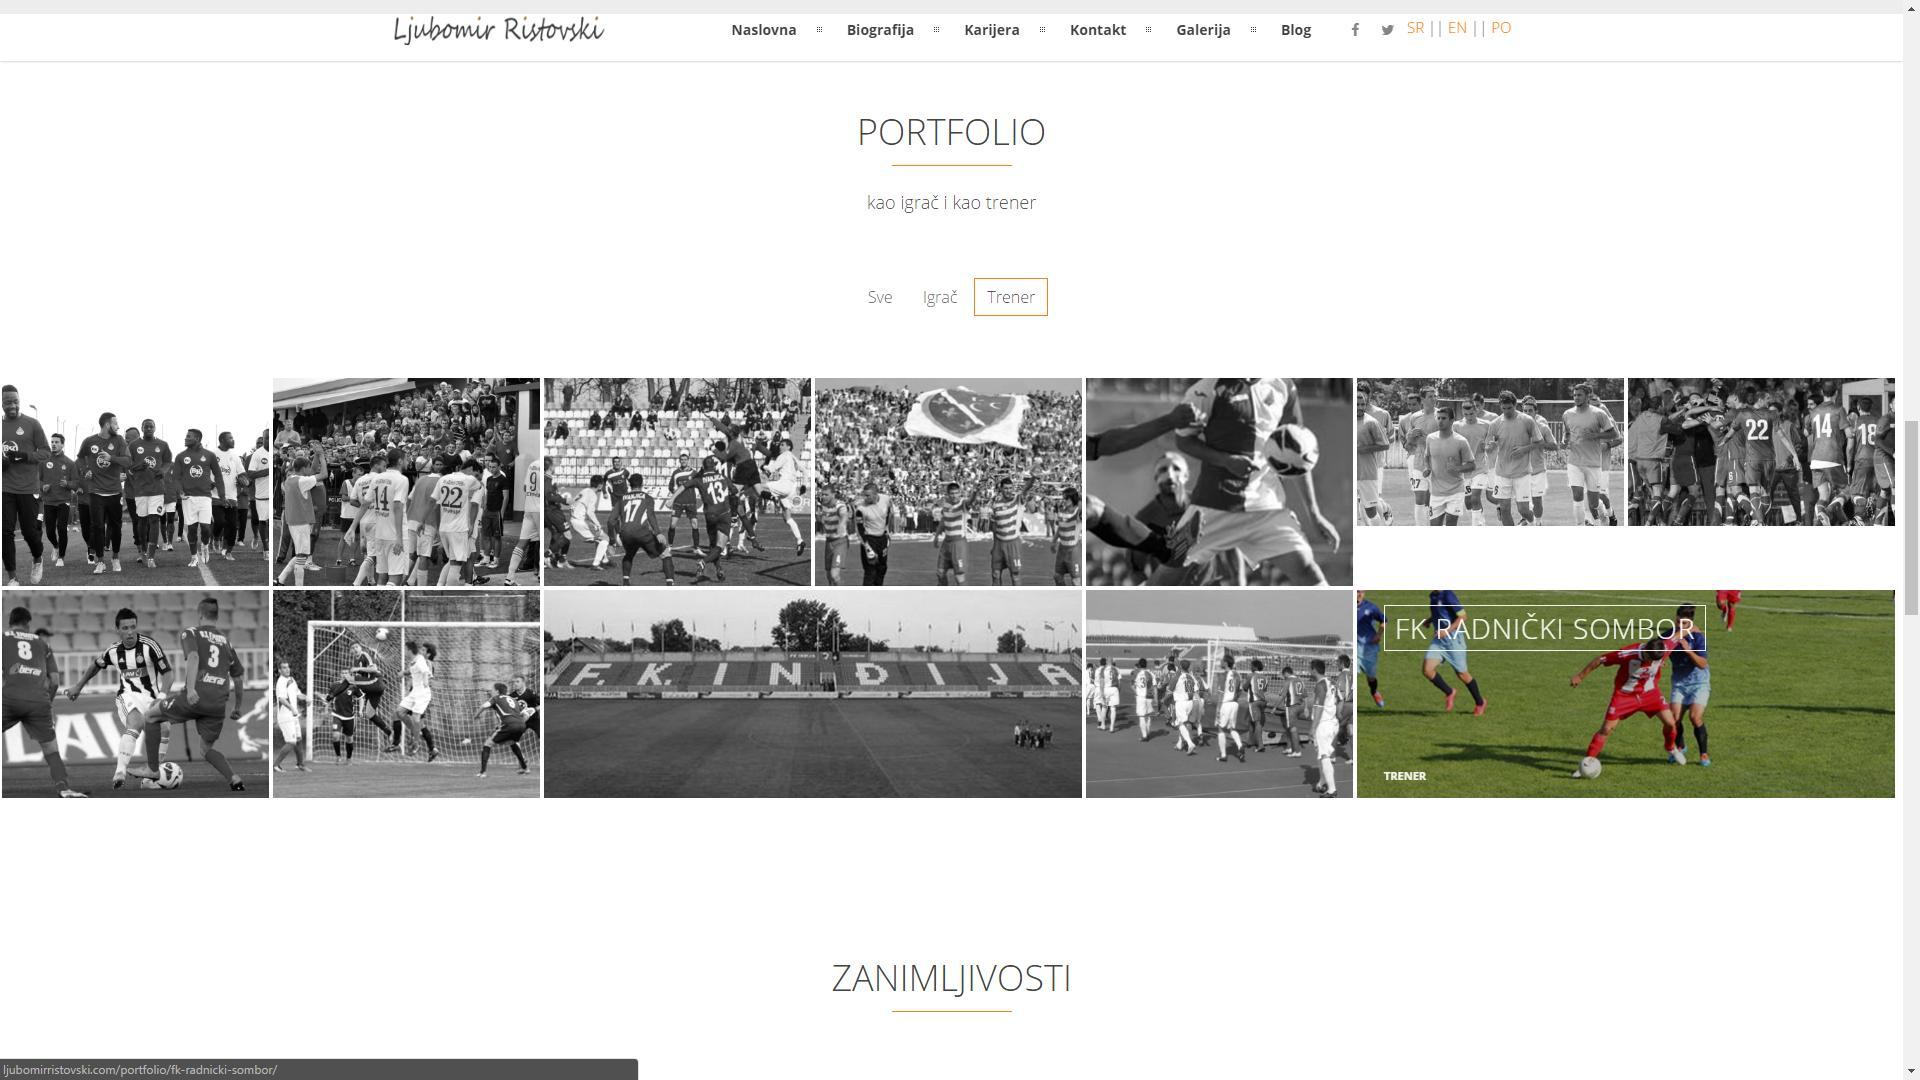 ljubomirristovski-ska-webdesign-ss2